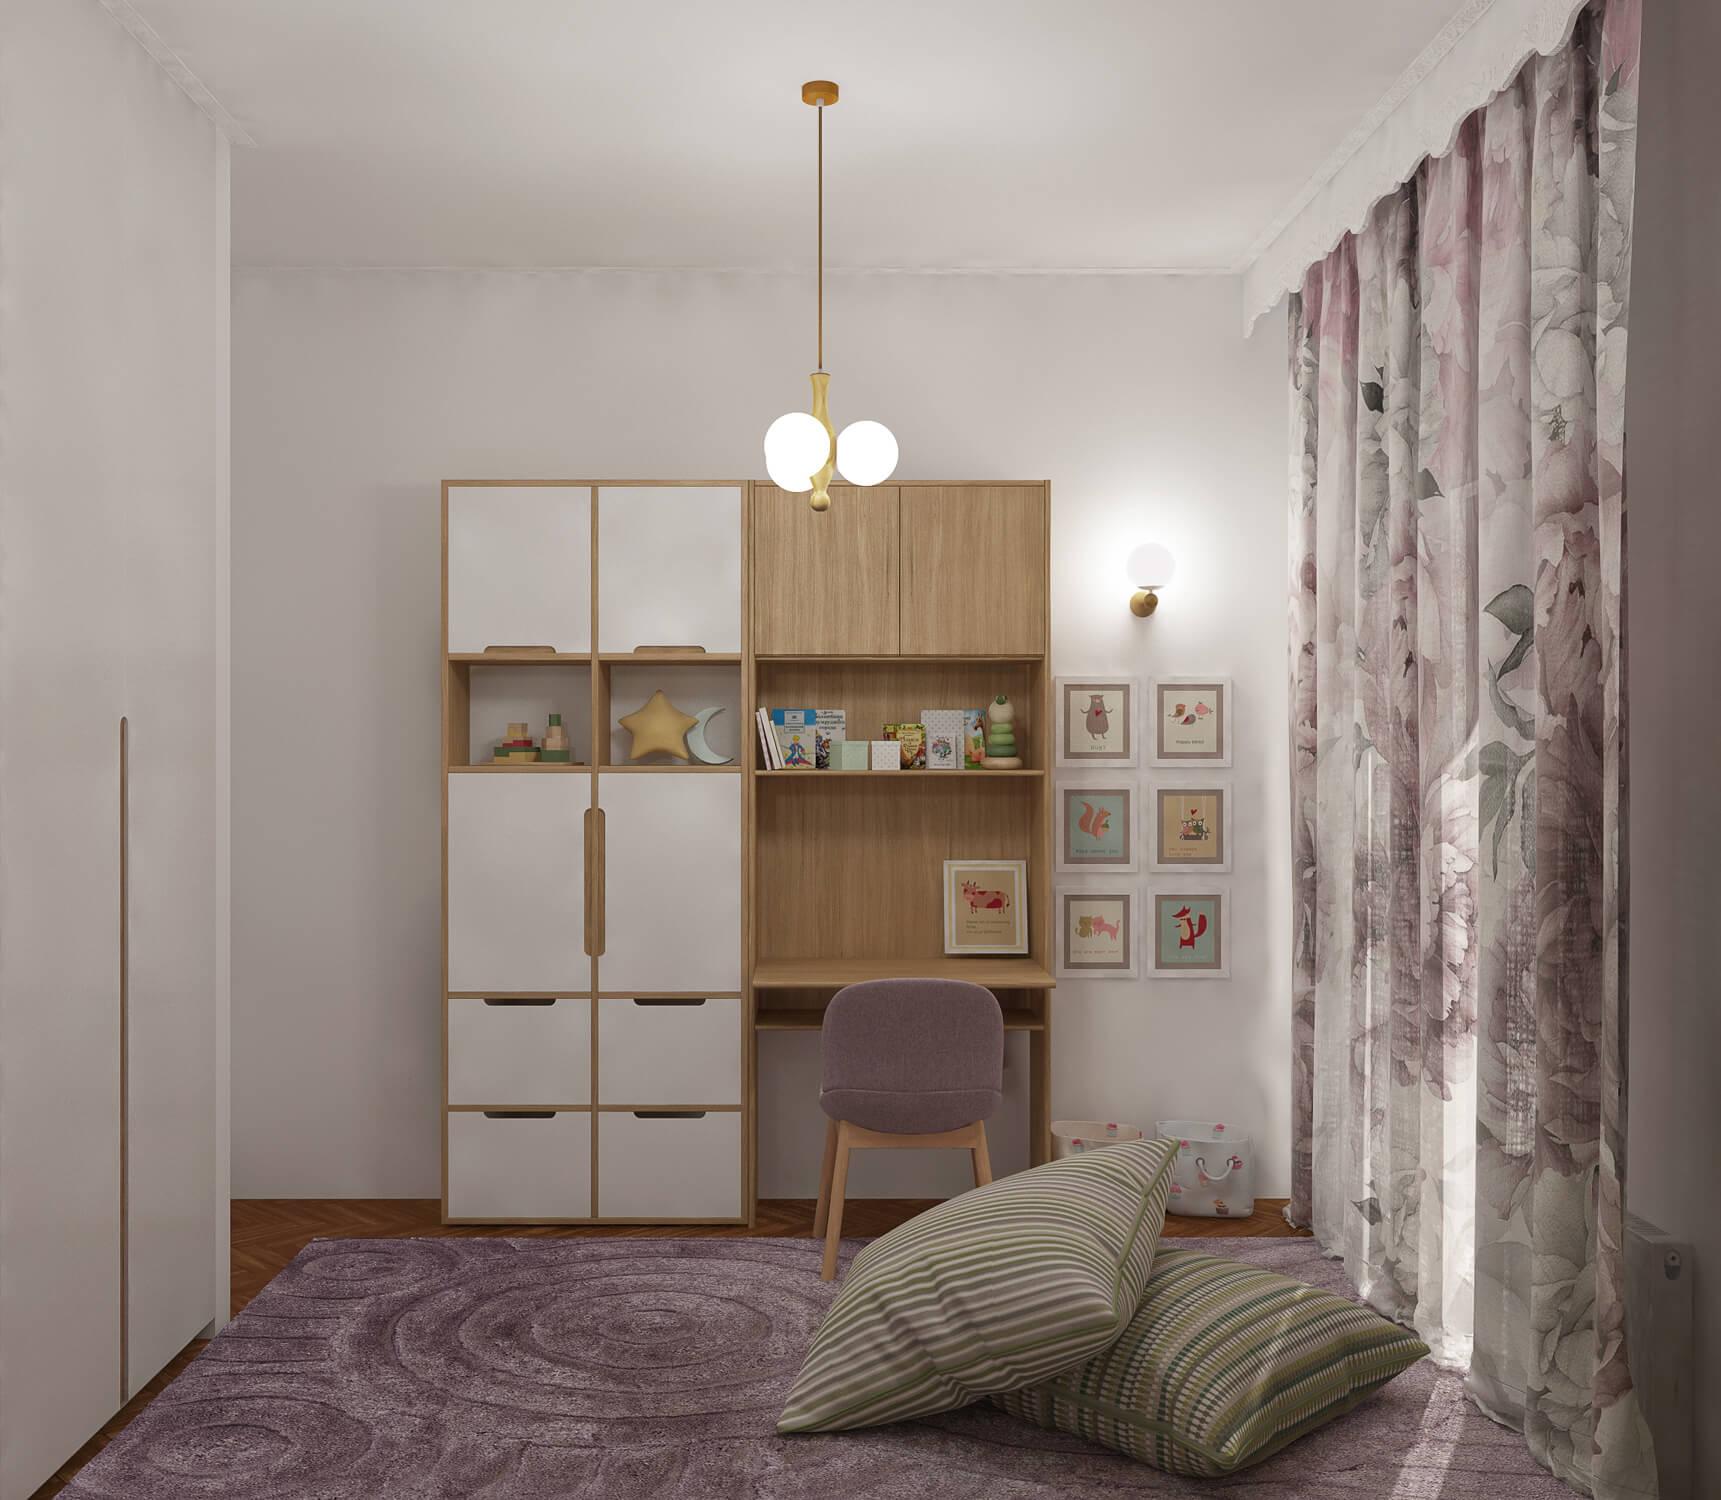 Ανακαίνιση Τρικούπη_Bedroom 03_03_20201116